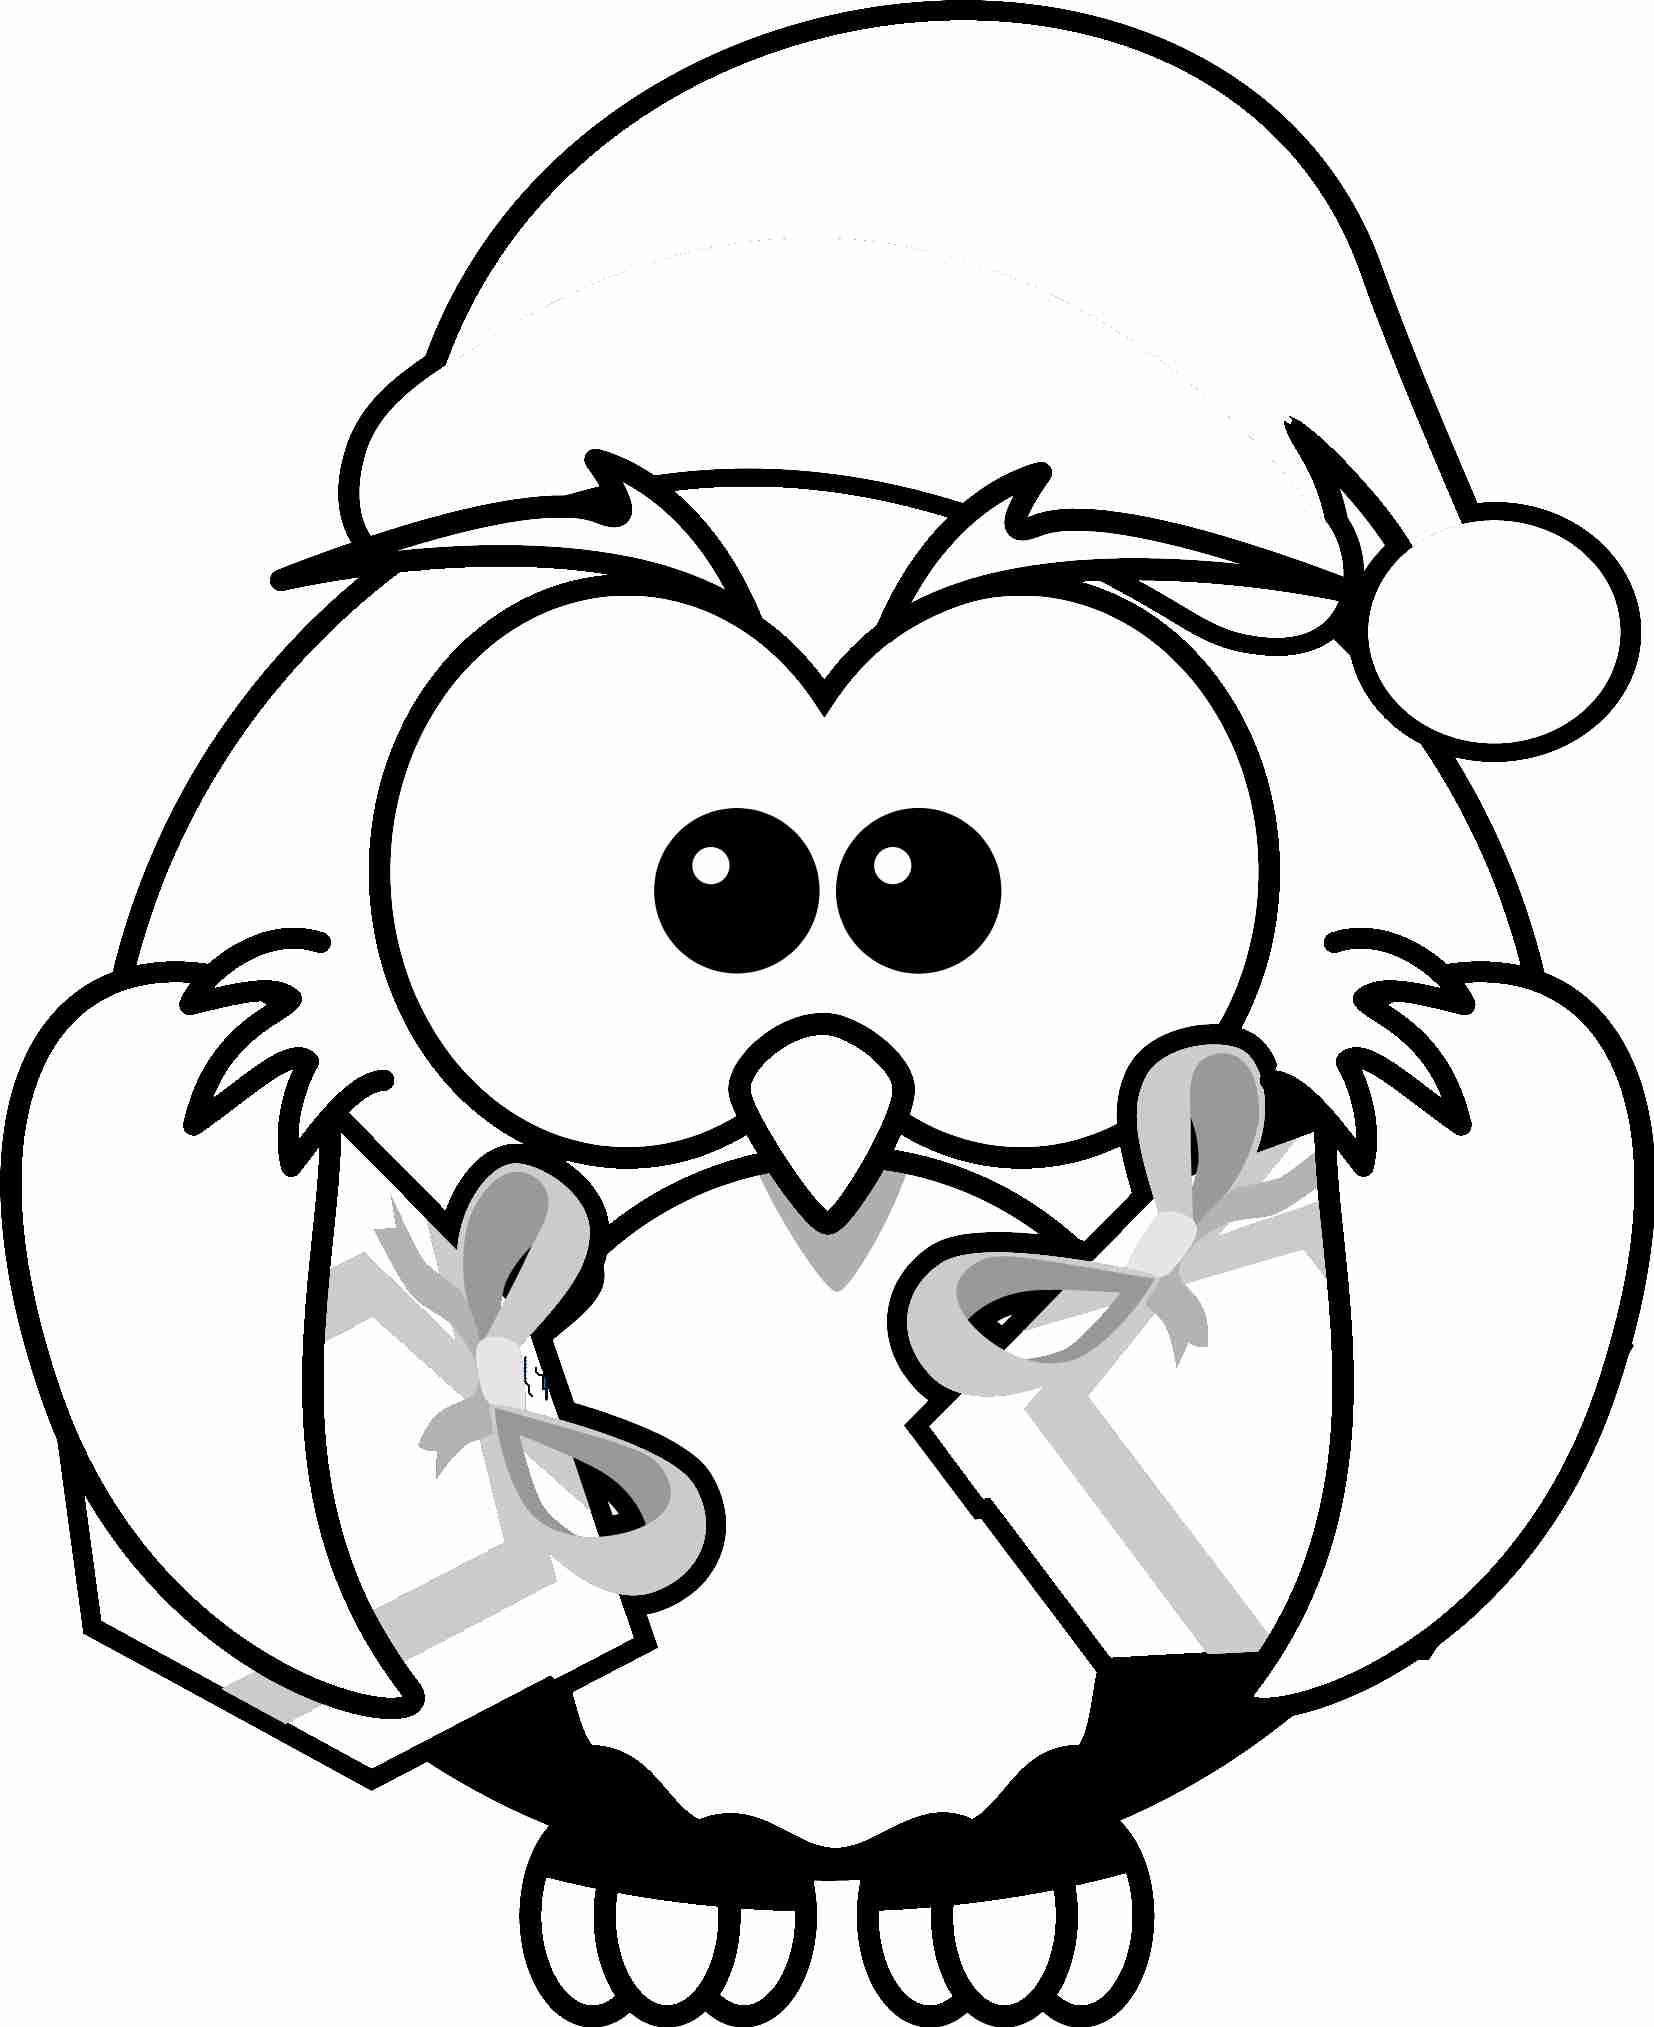 Printable christmas coloring sheets christmas coloring pages ~ Christmas Penguin Coloring Pages Printable - Coloring Home